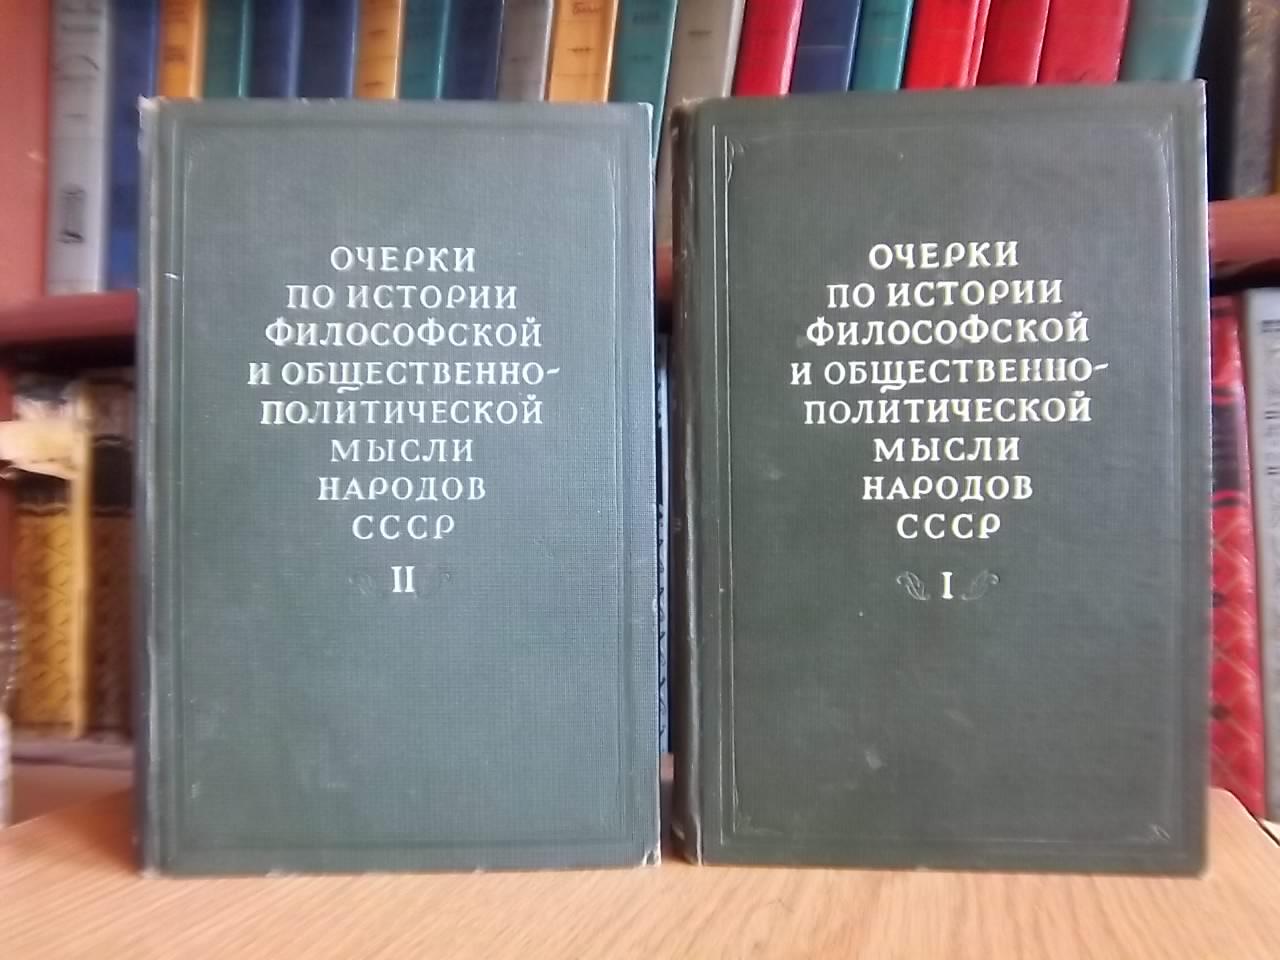 Очерки по истории философской и общественно-политической мысли народов СССР В двух томах